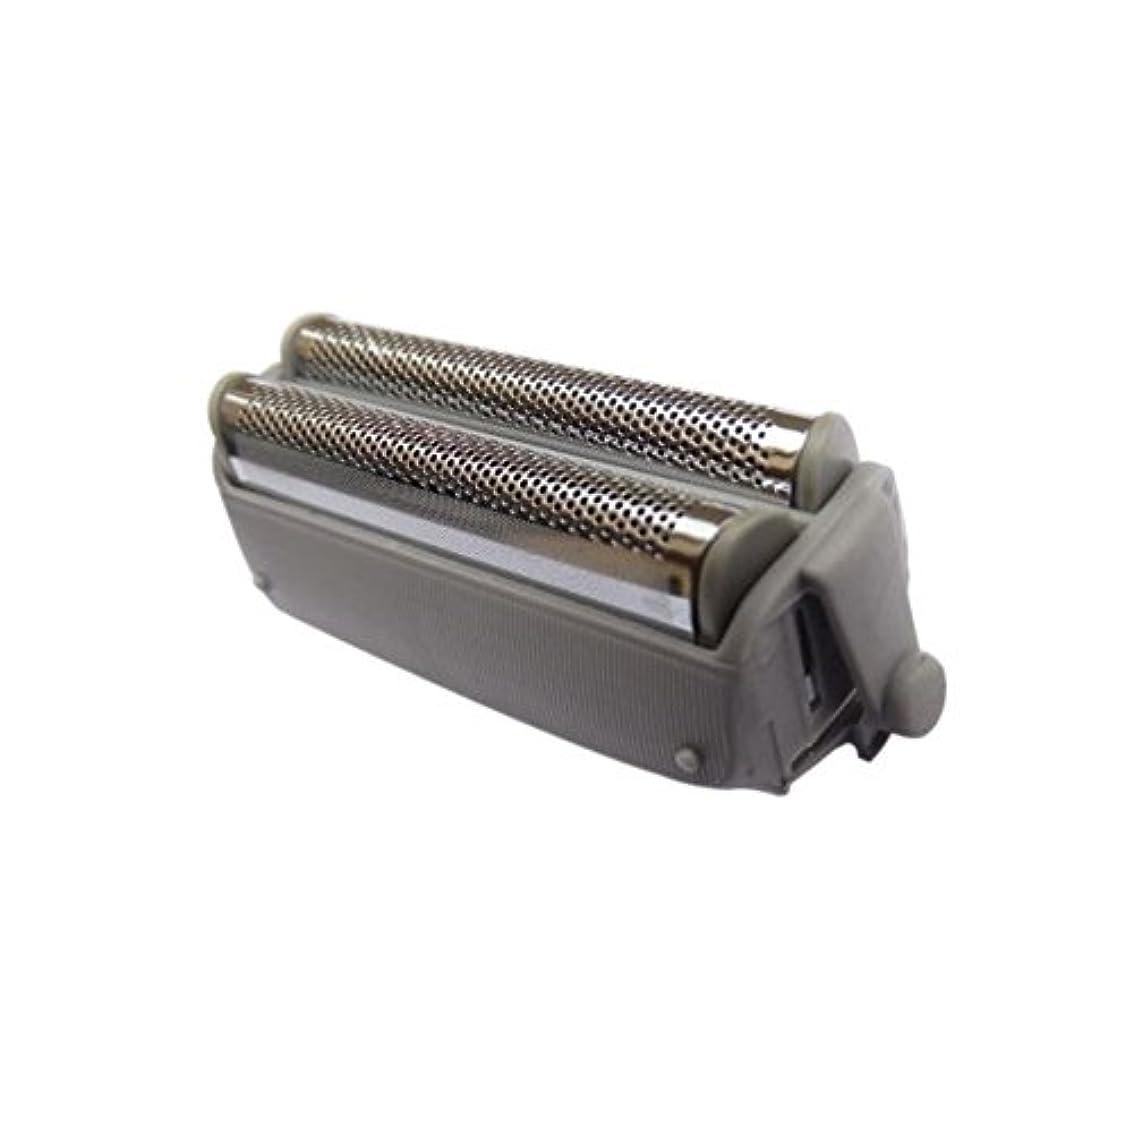 スナック投資疼痛HZjundasi Replacement Outer ホイル for Panasonic ES4035/RW30 ES9859